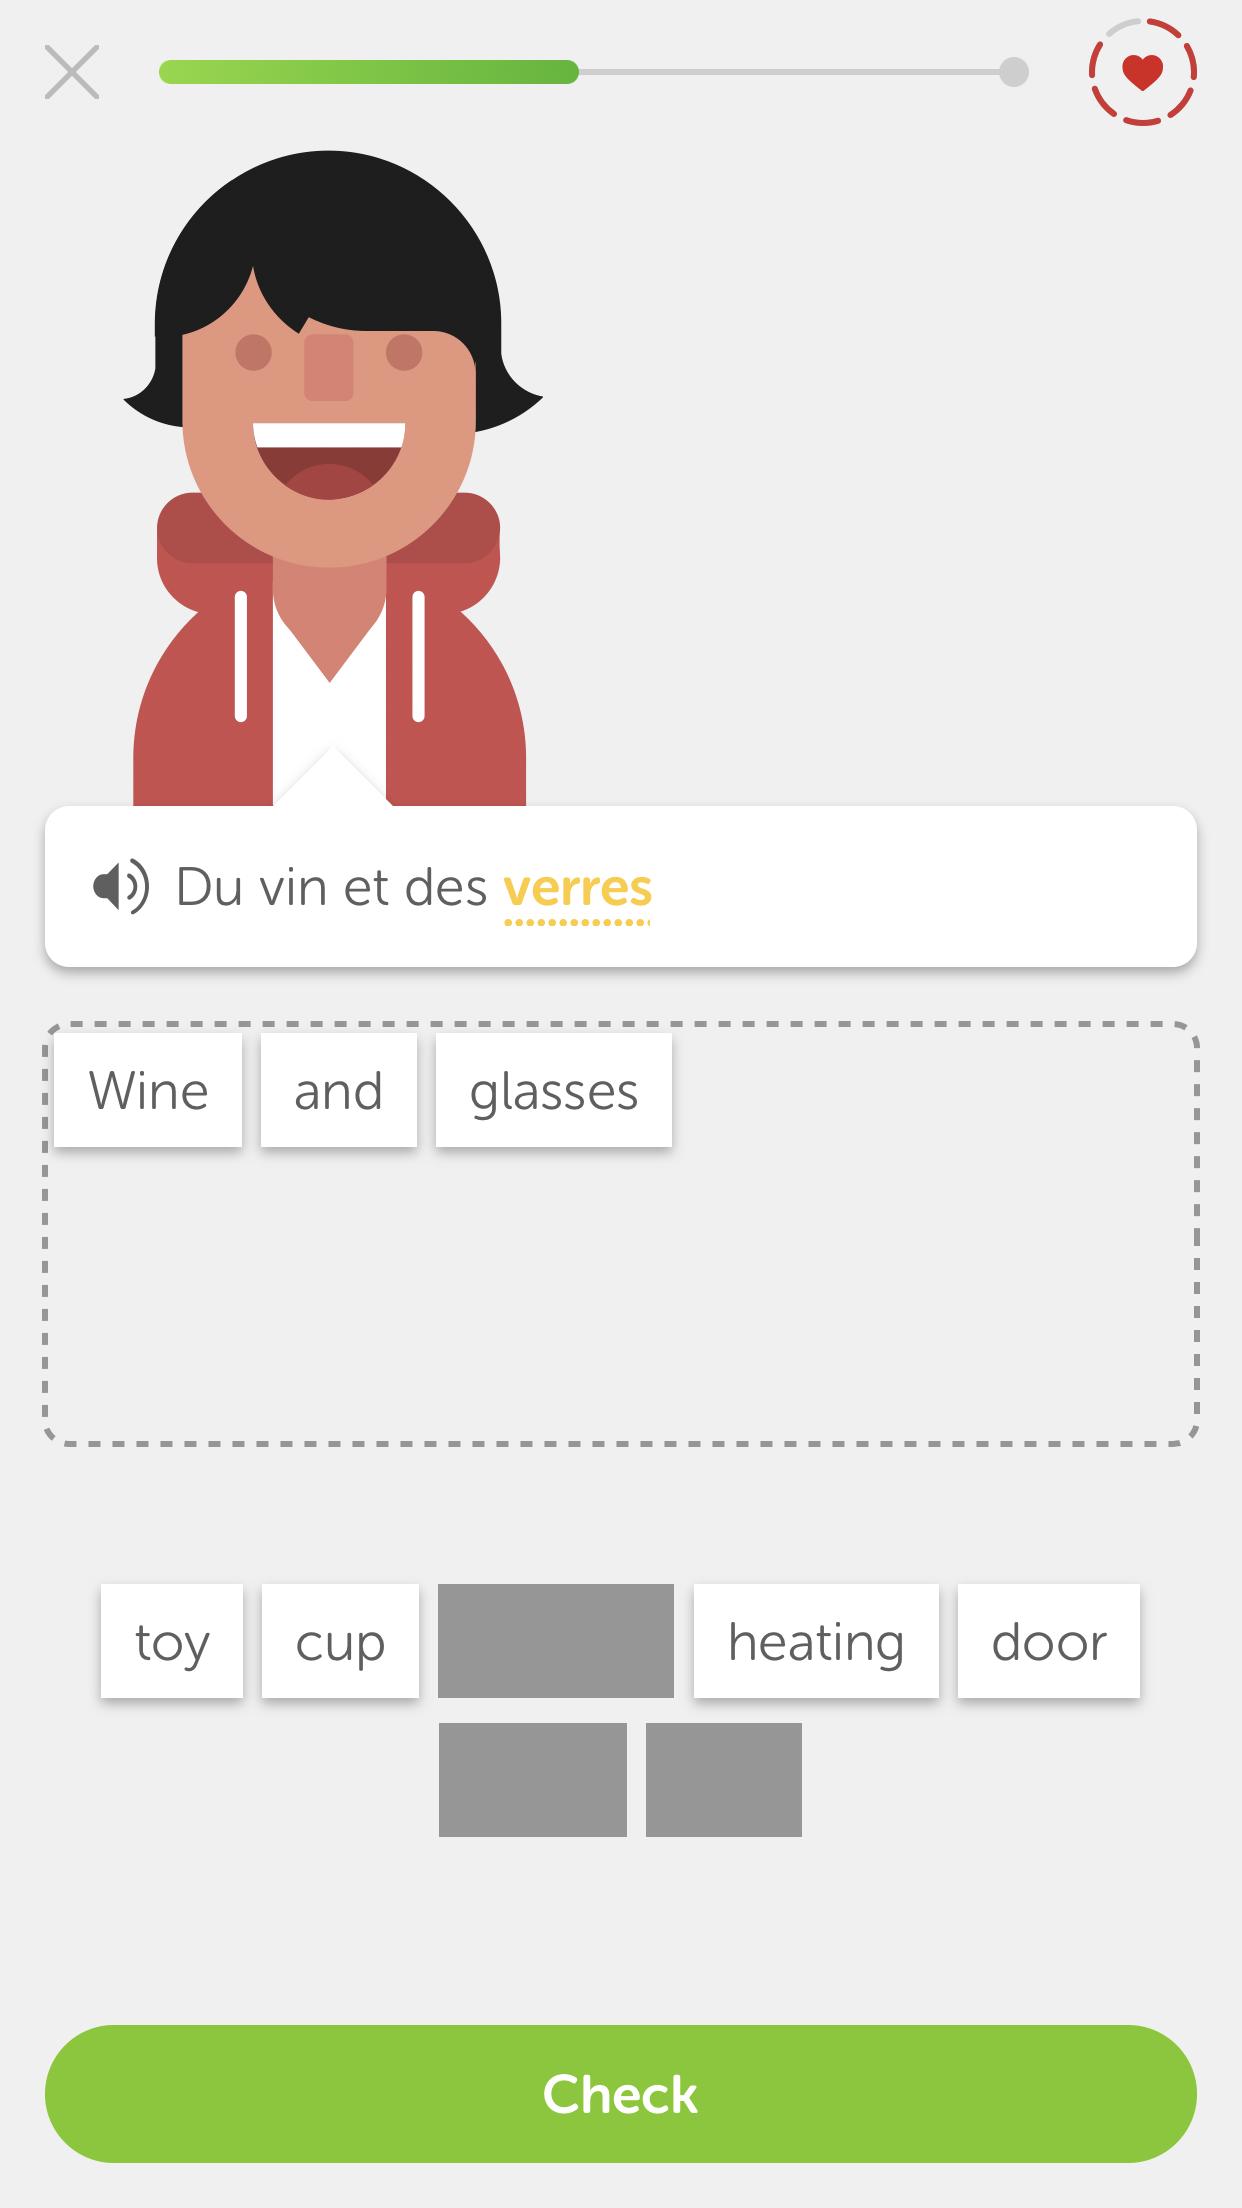 Yup, definitely French.